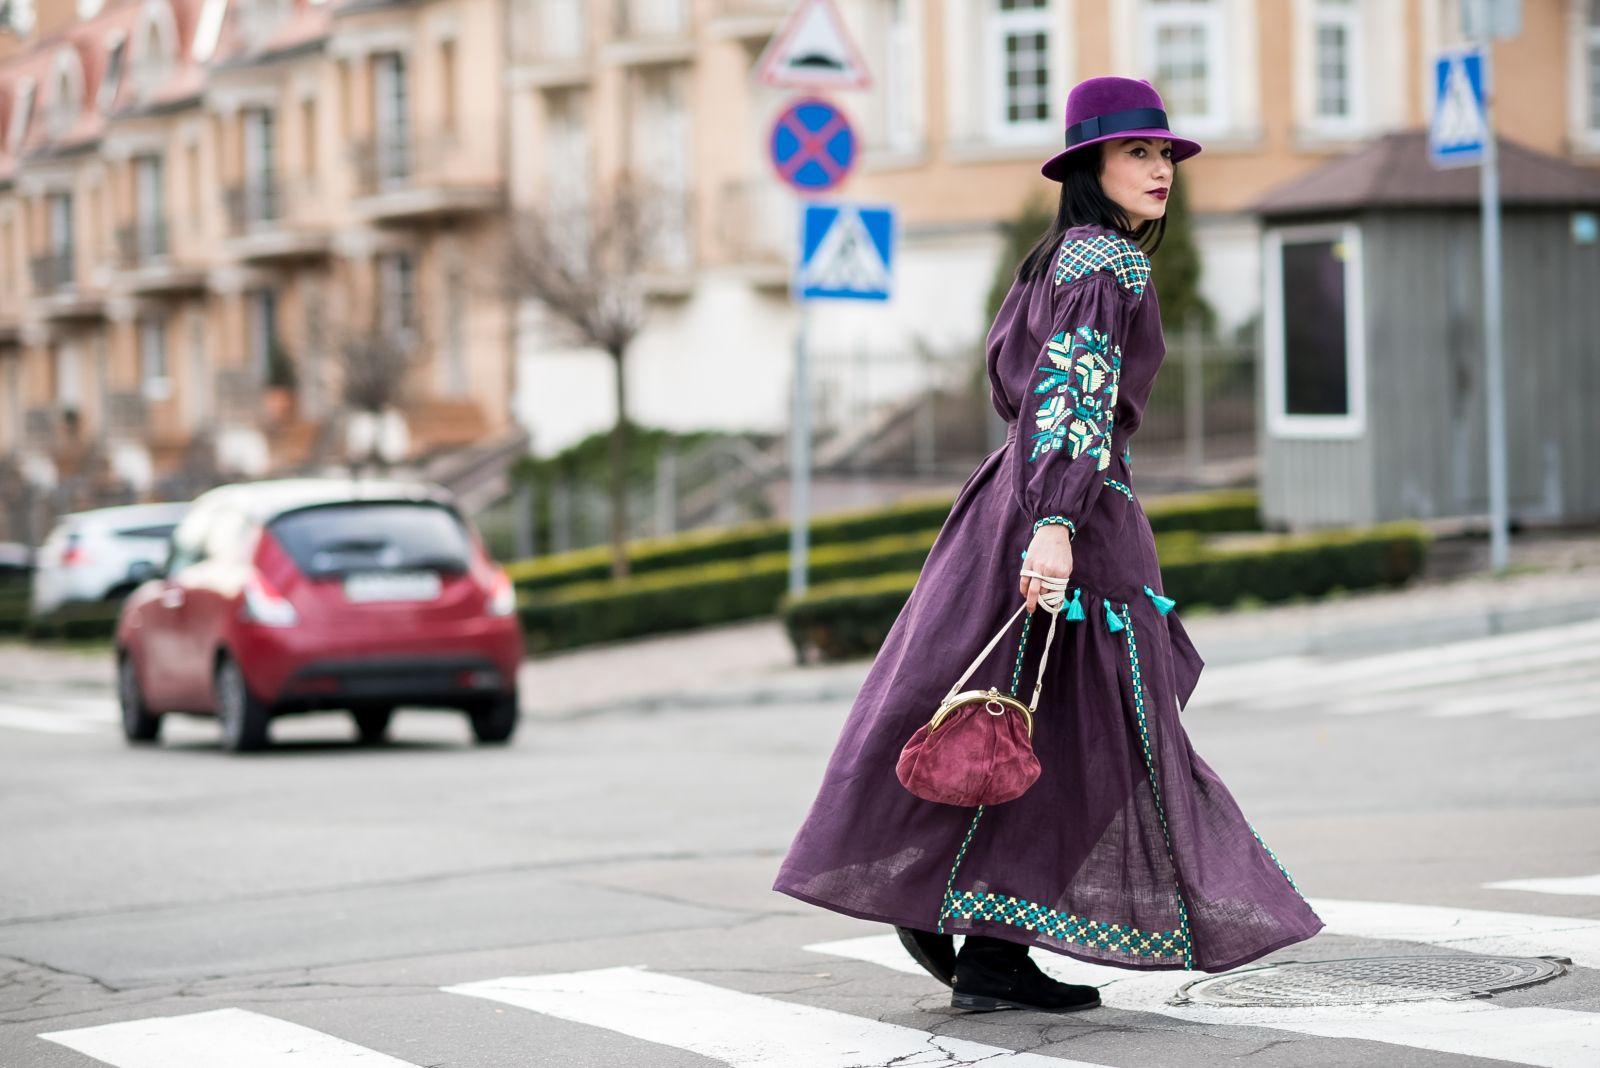 Наряд ко Деню Независимости: украинская топ-модель Алла Григорьева представила коллекцию вышиванок